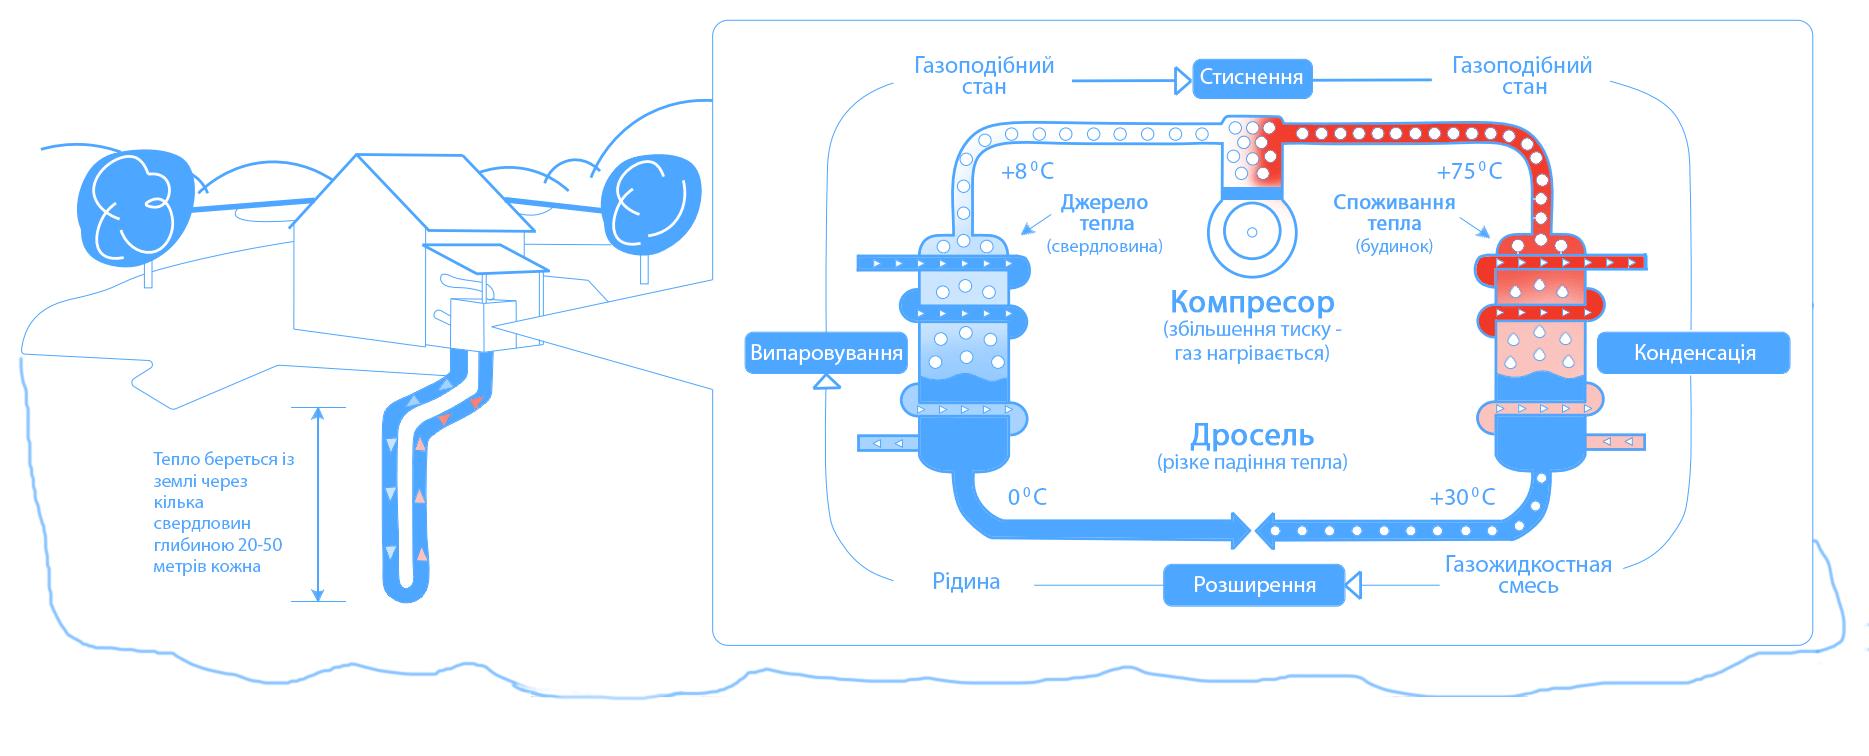 Як працює тепловий насос